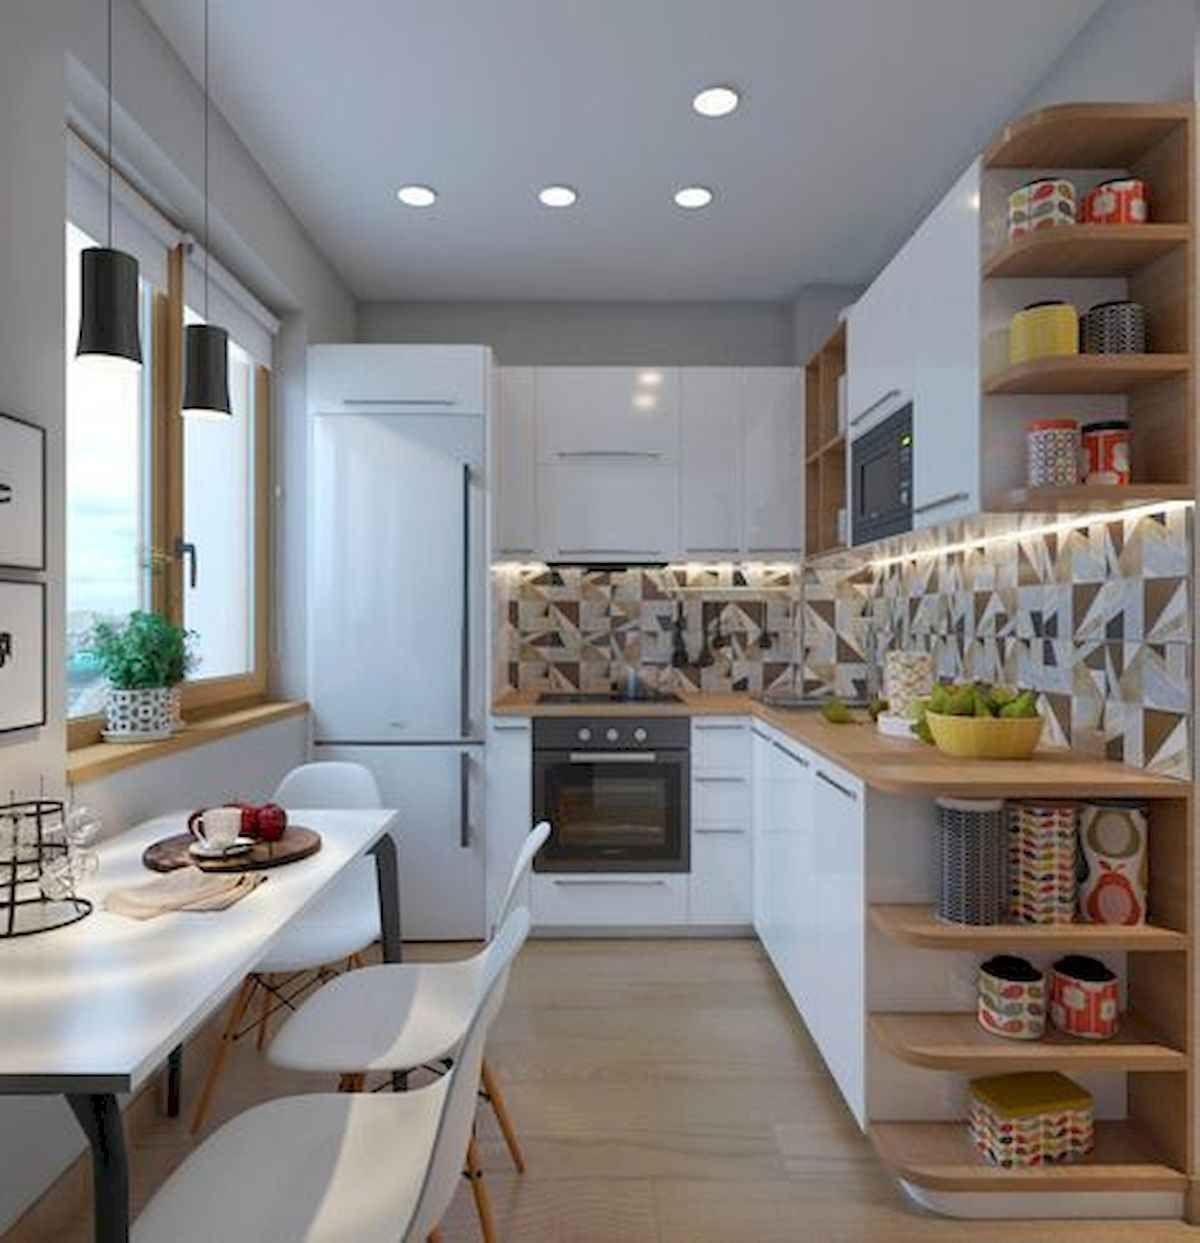 19 Suprising Small Kitchen Design Ideas And Decor  Cuisine